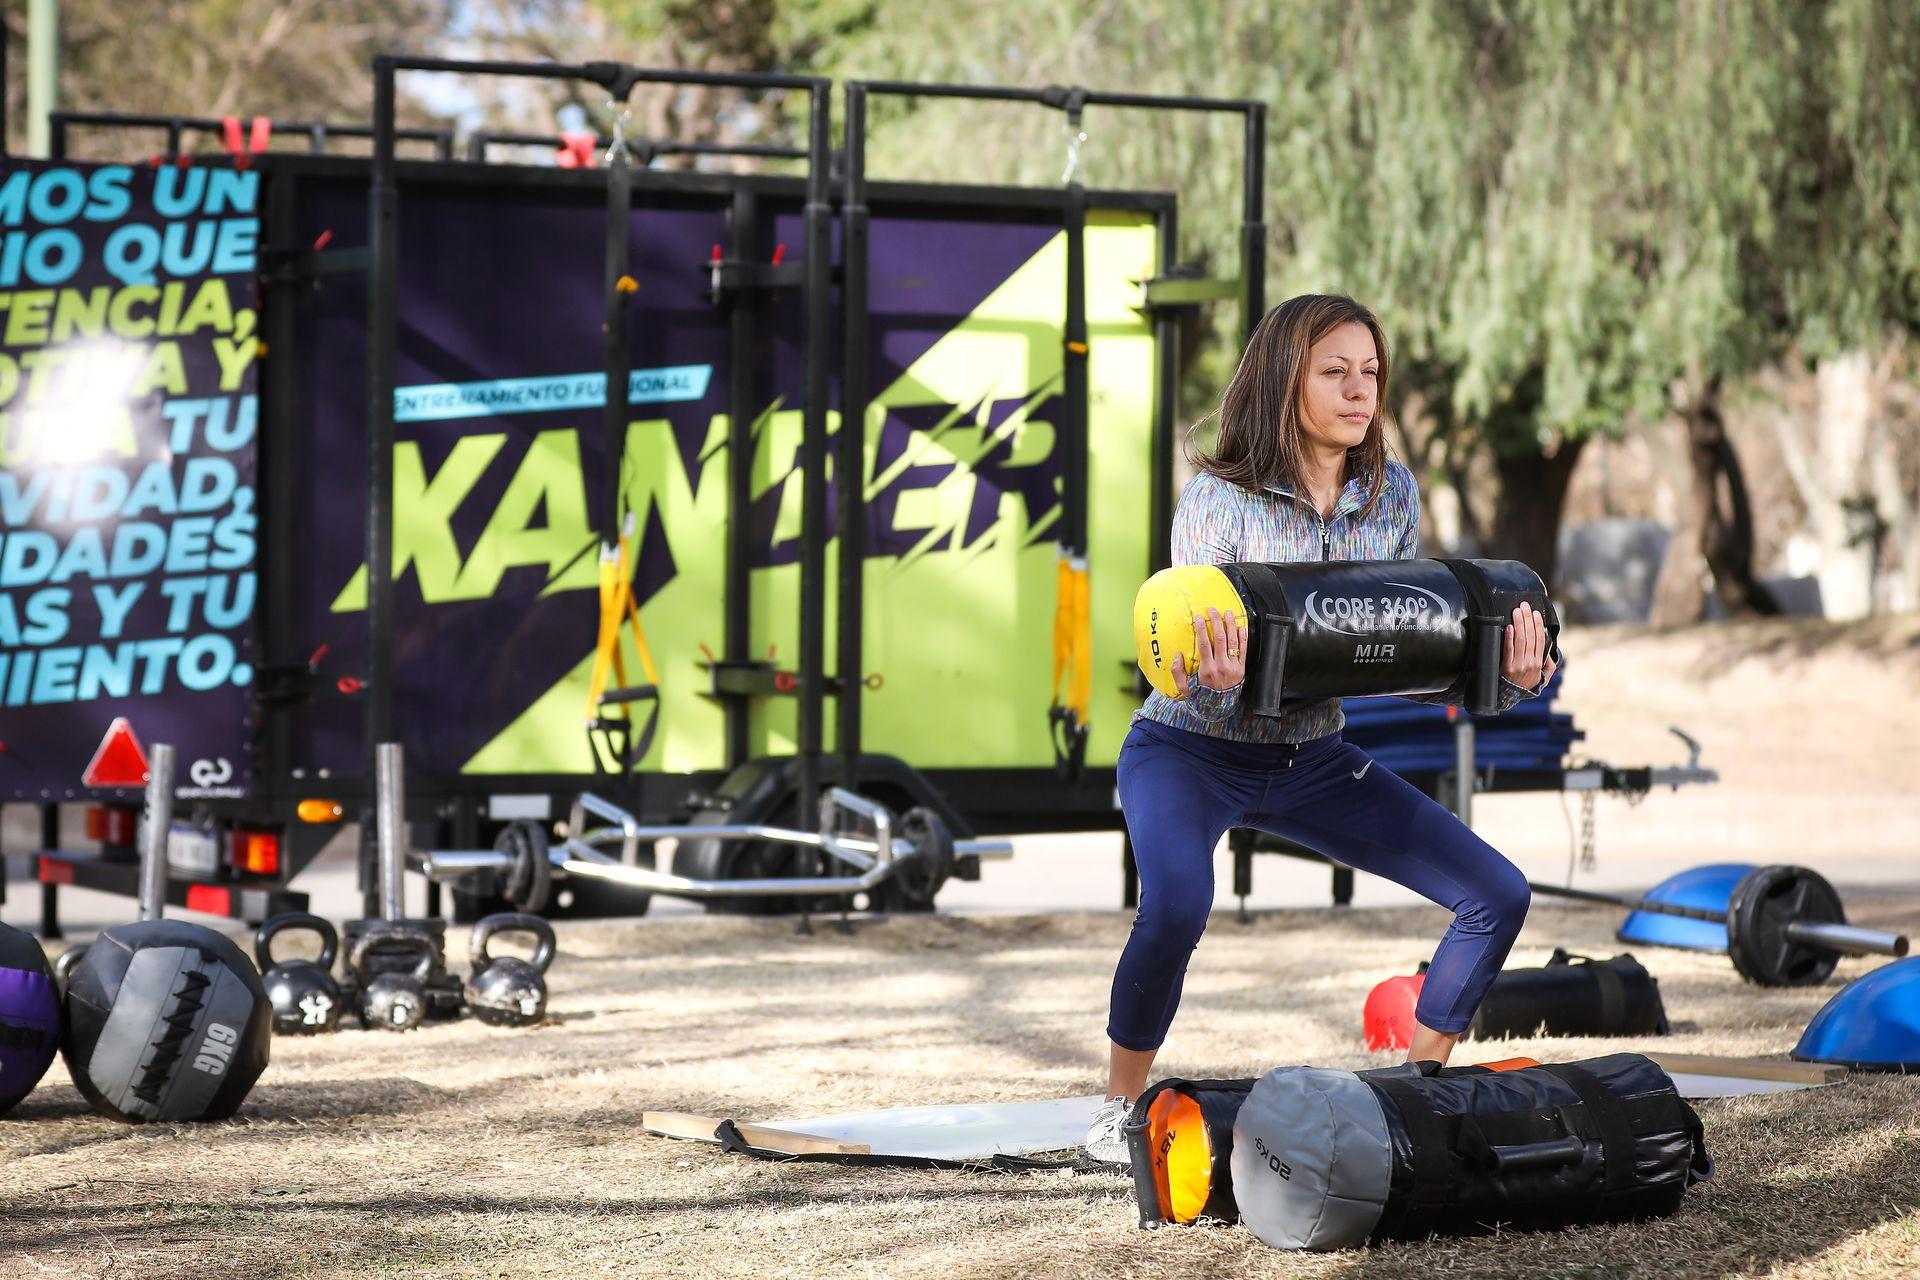 Los gimnasios móviles de MovilFitness permiten llevar distinto tipo de equipamiento a los espacios al aire libre